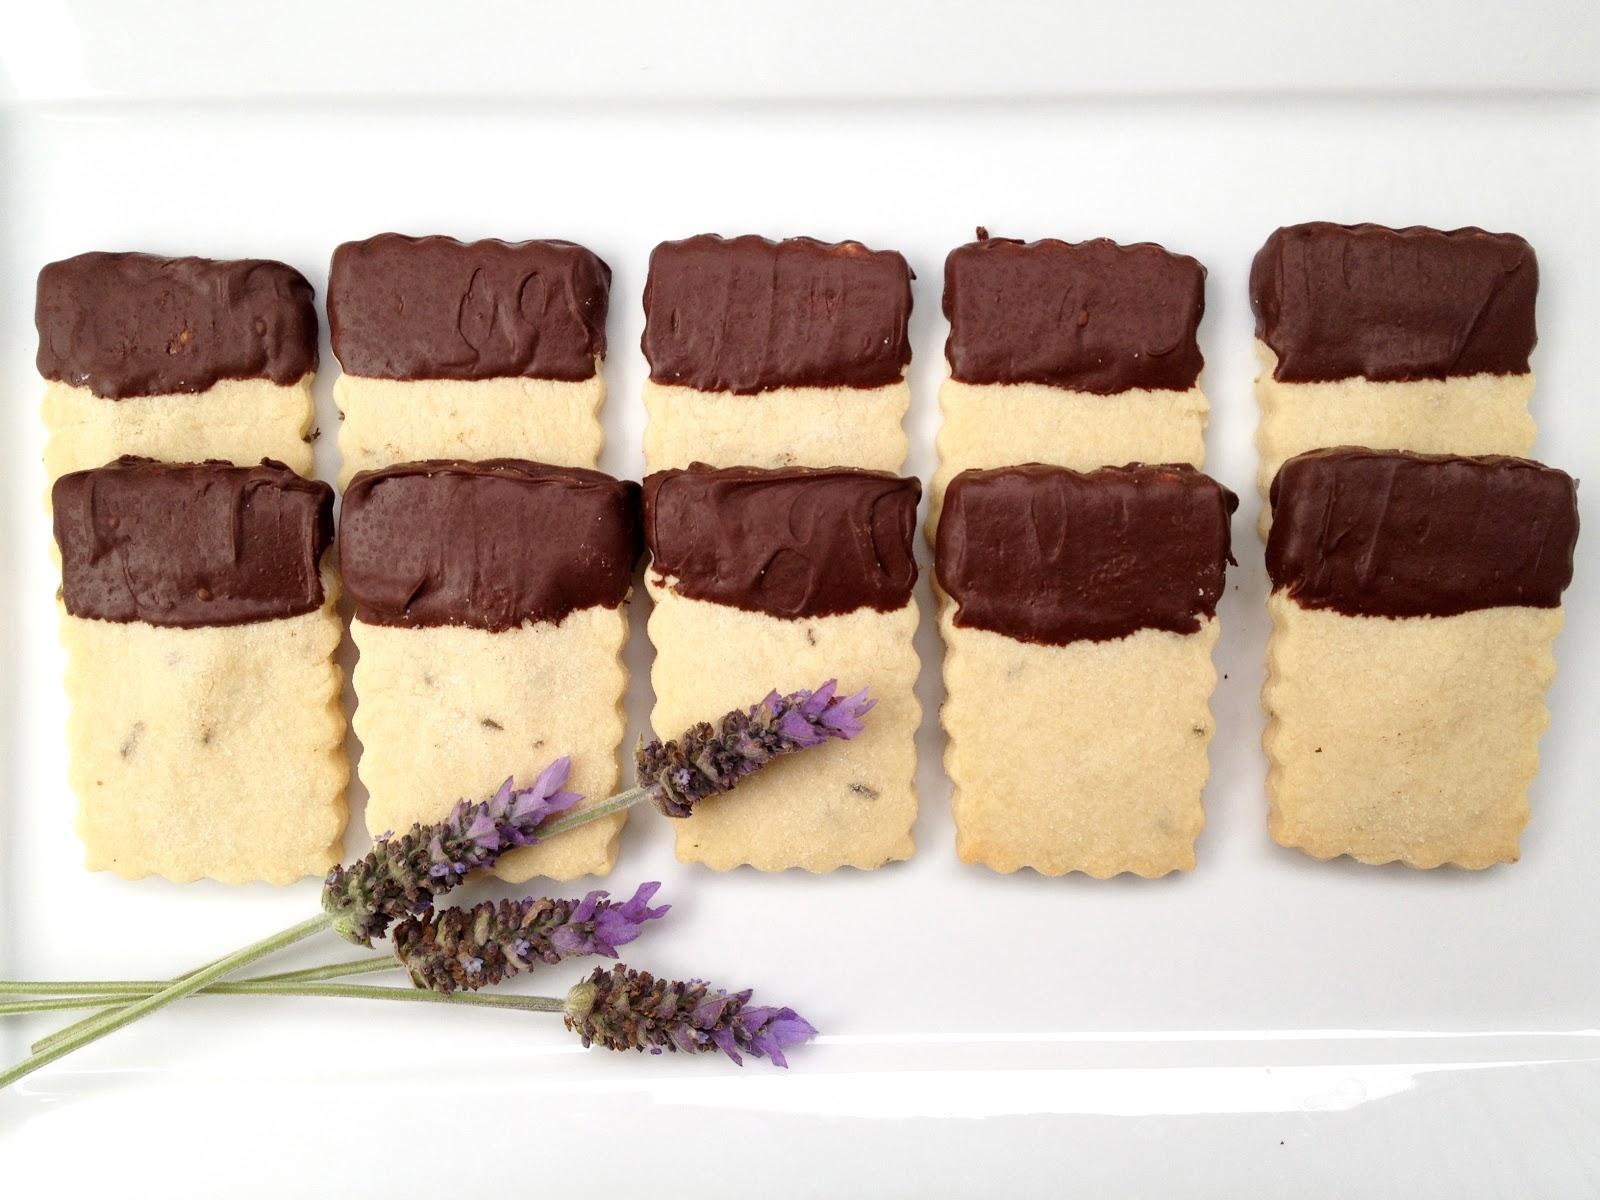 http://1.bp.blogspot.com/-6QcmGmmeGIw/Tx3qmAZsBbI/AAAAAAAAH_Y/F1ofDiIJs5I/s1600/lavender9.jpg